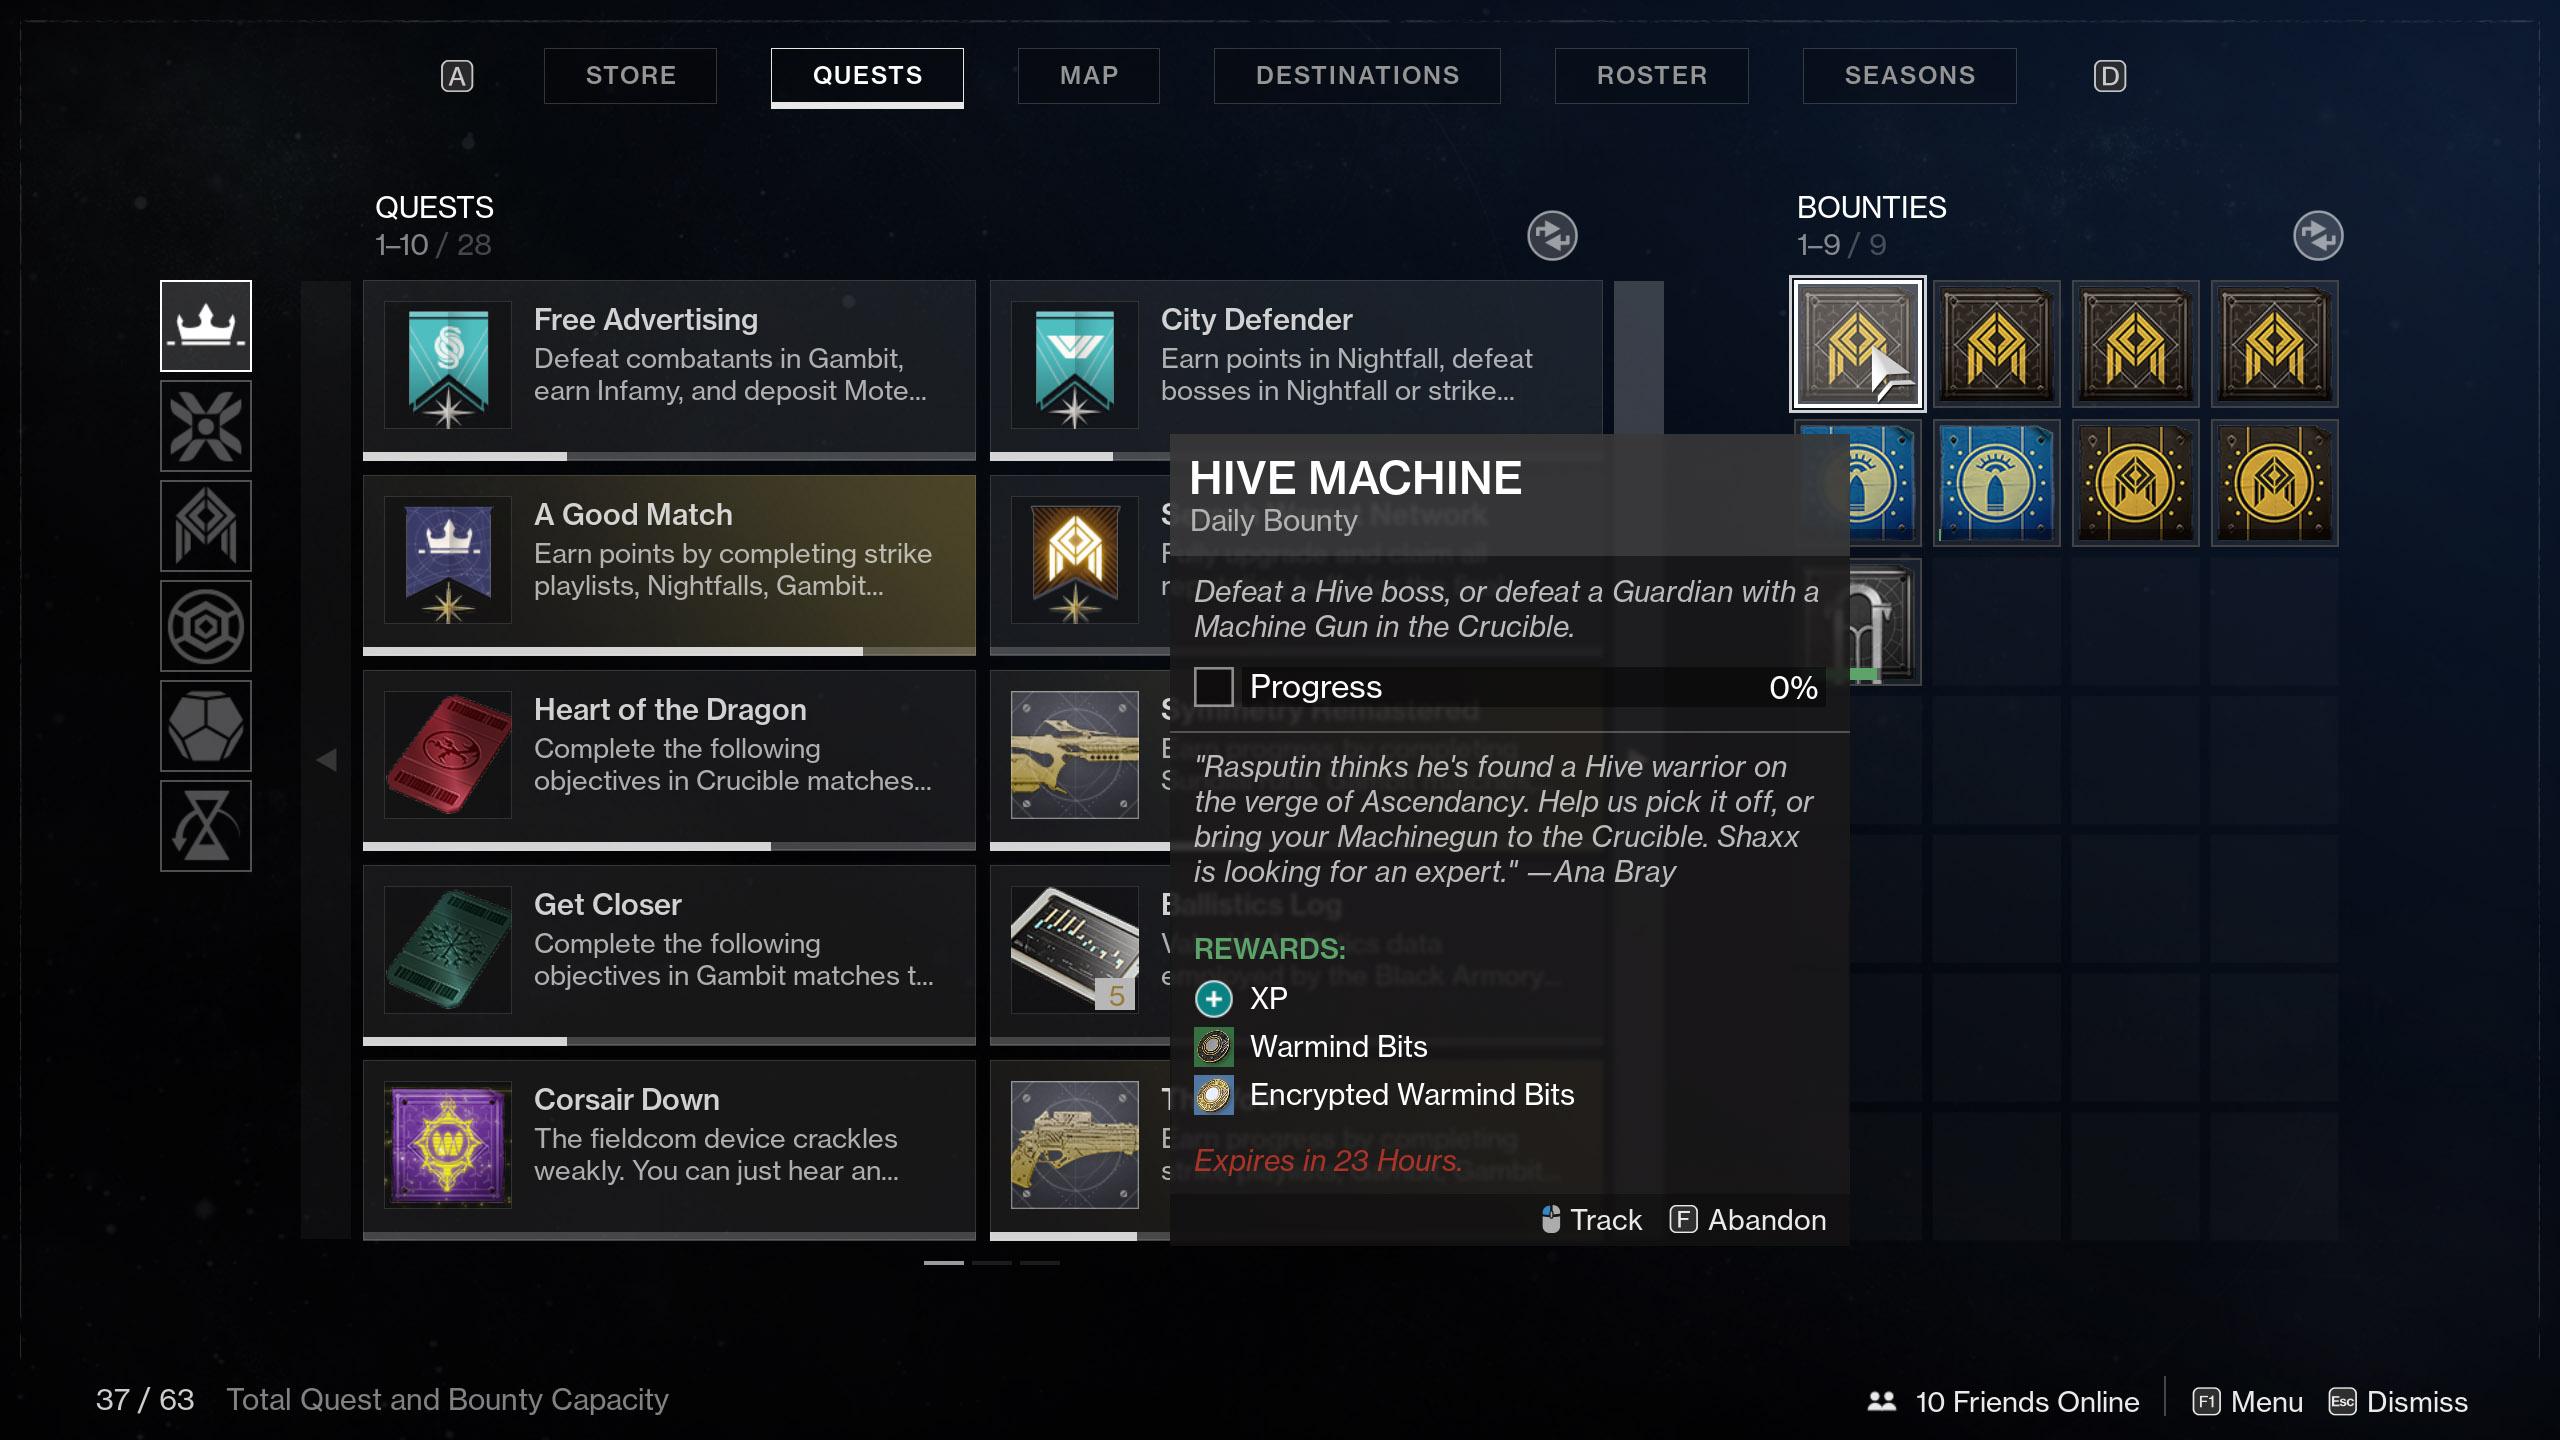 Hive Machine Destiny 2